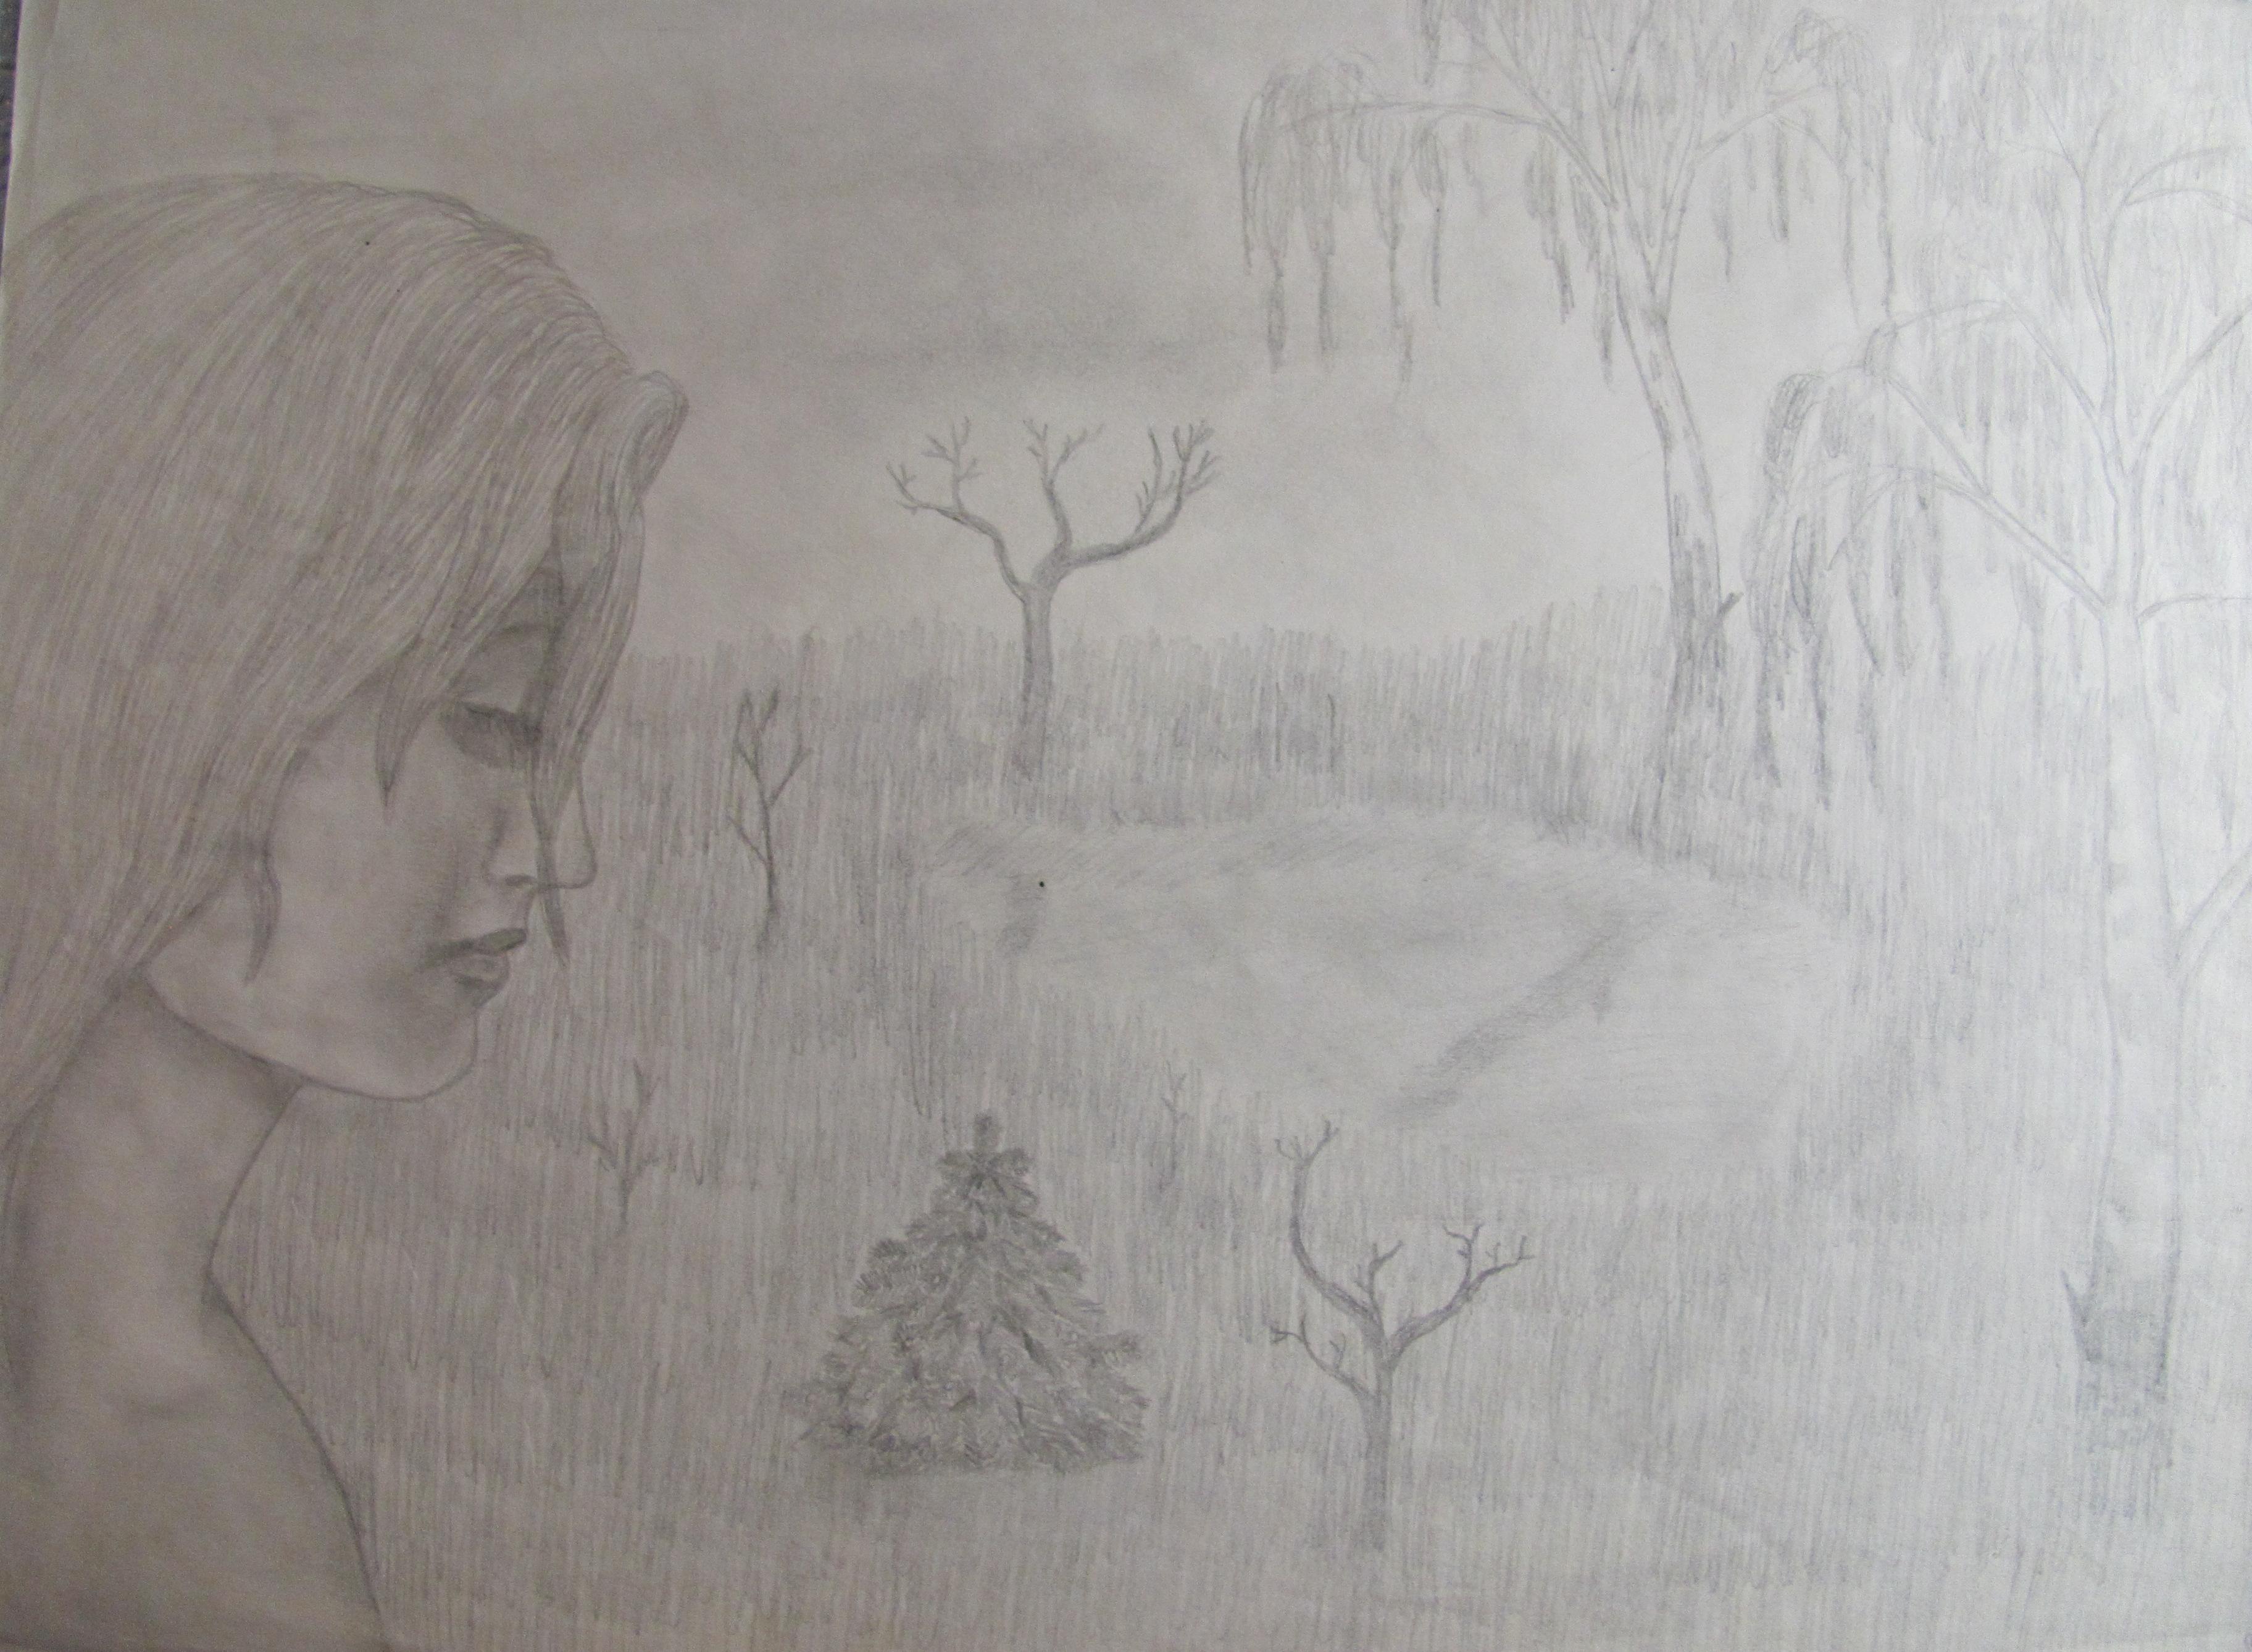 НЕбисерная лавка чудес: Я рисую